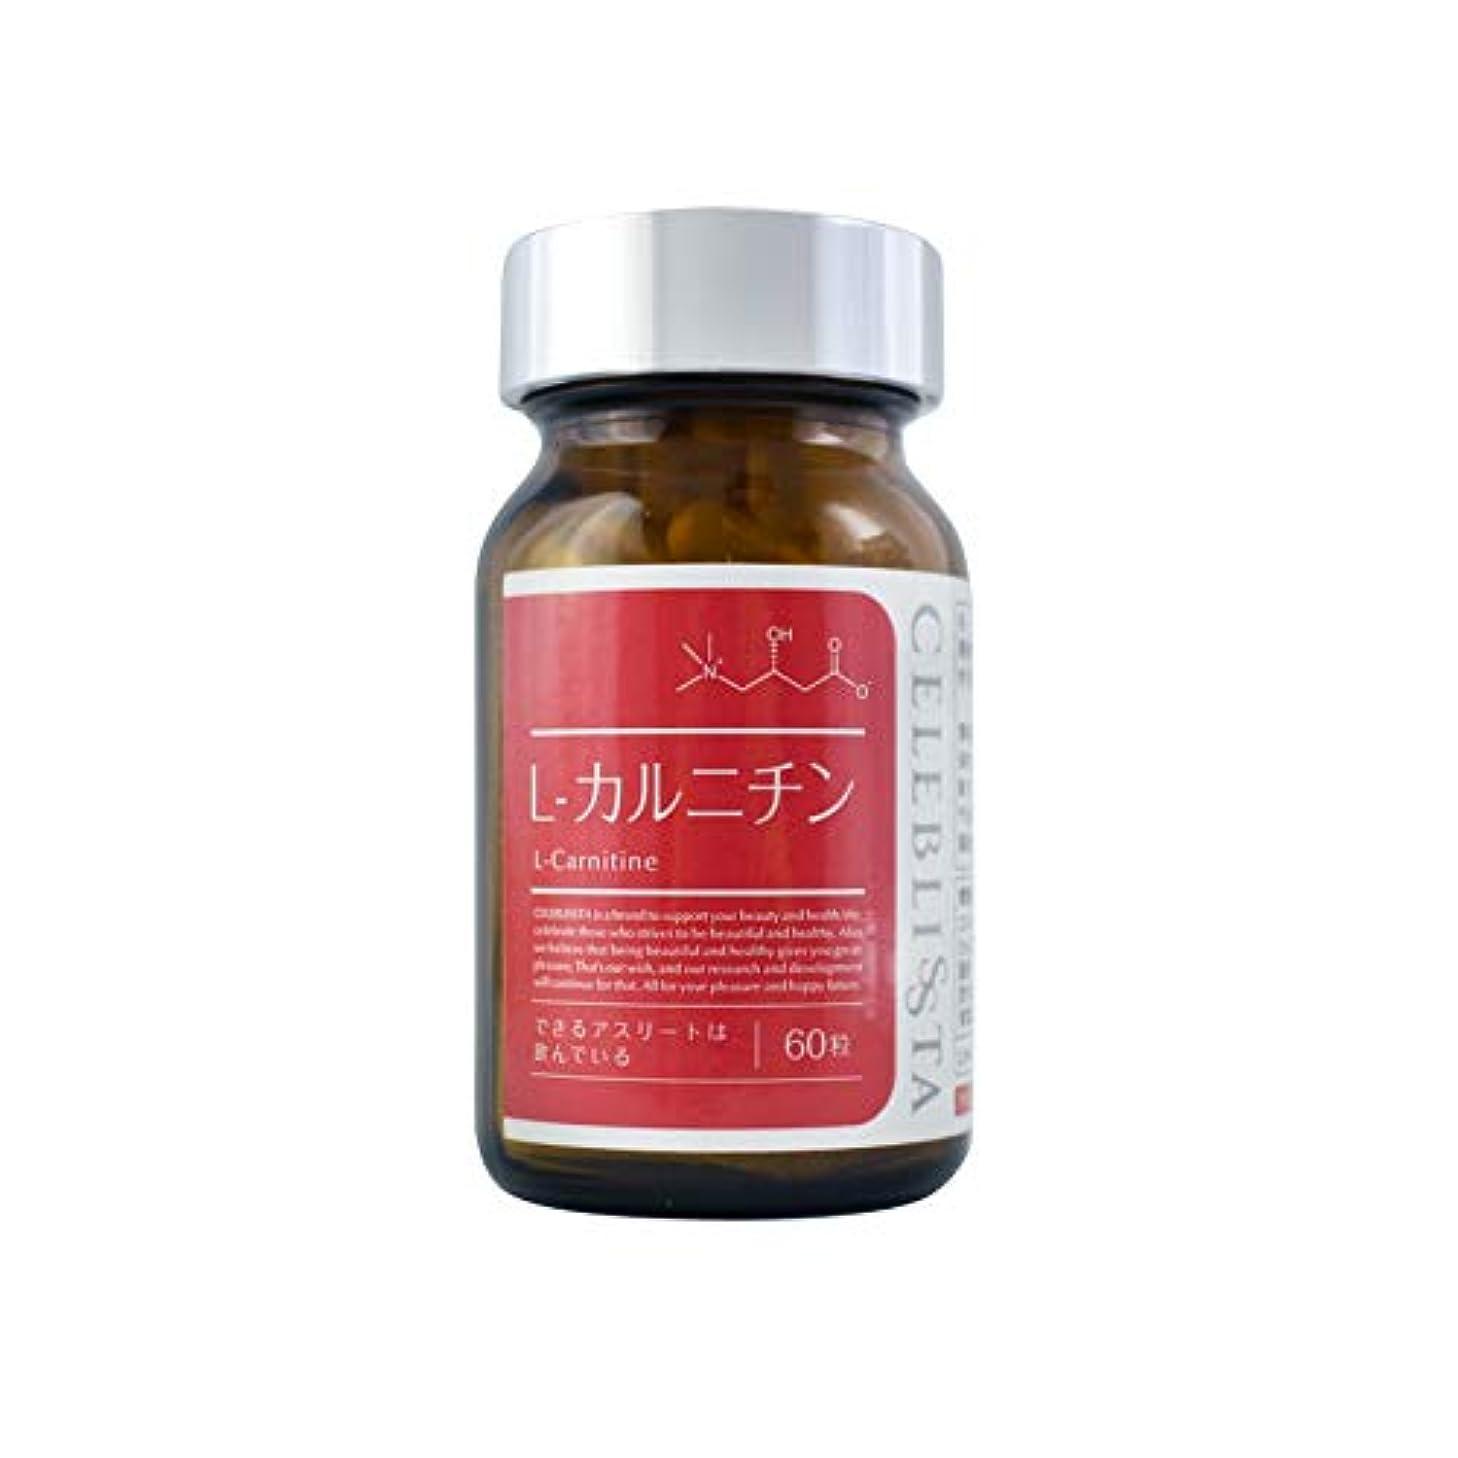 対応相対性理論賛美歌L-カルニチン サプリ [セレブリスタ 公式] 天然型L-カルニチン使用 (日本製) 植物性カプセル サプリメント (30日分 60粒)